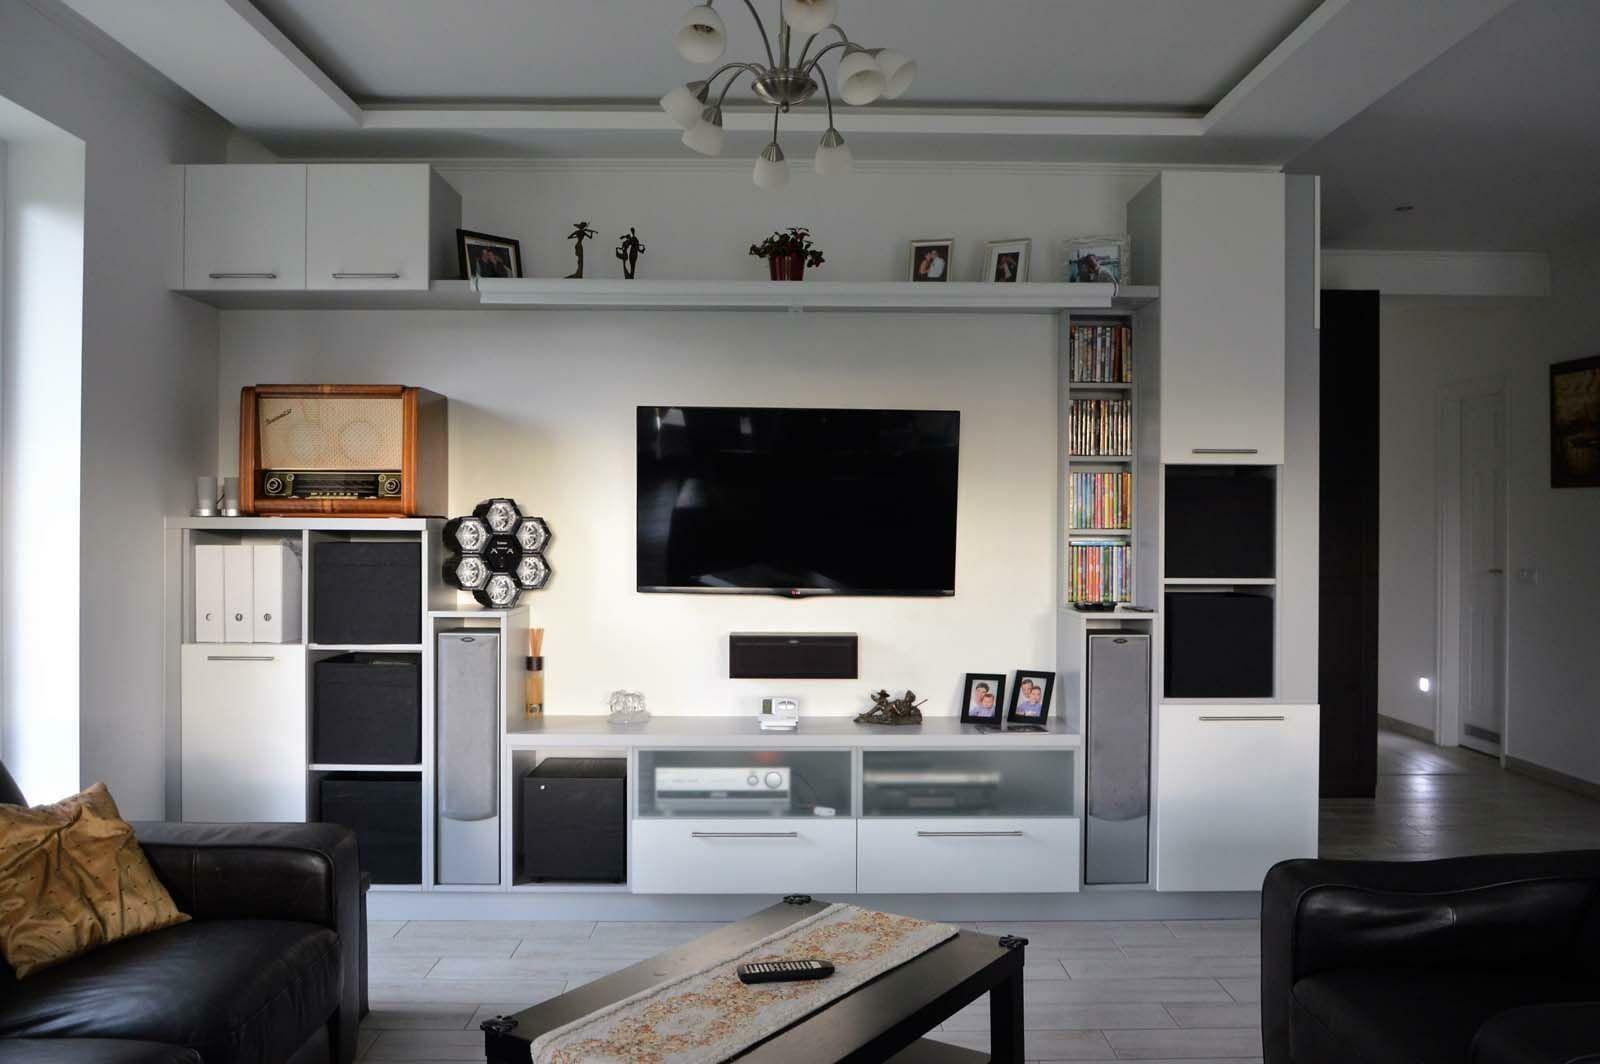 Egyedi nappali bútor készítés nyitott polcokkal, tv tartó konzollal, rejtett LED világítással